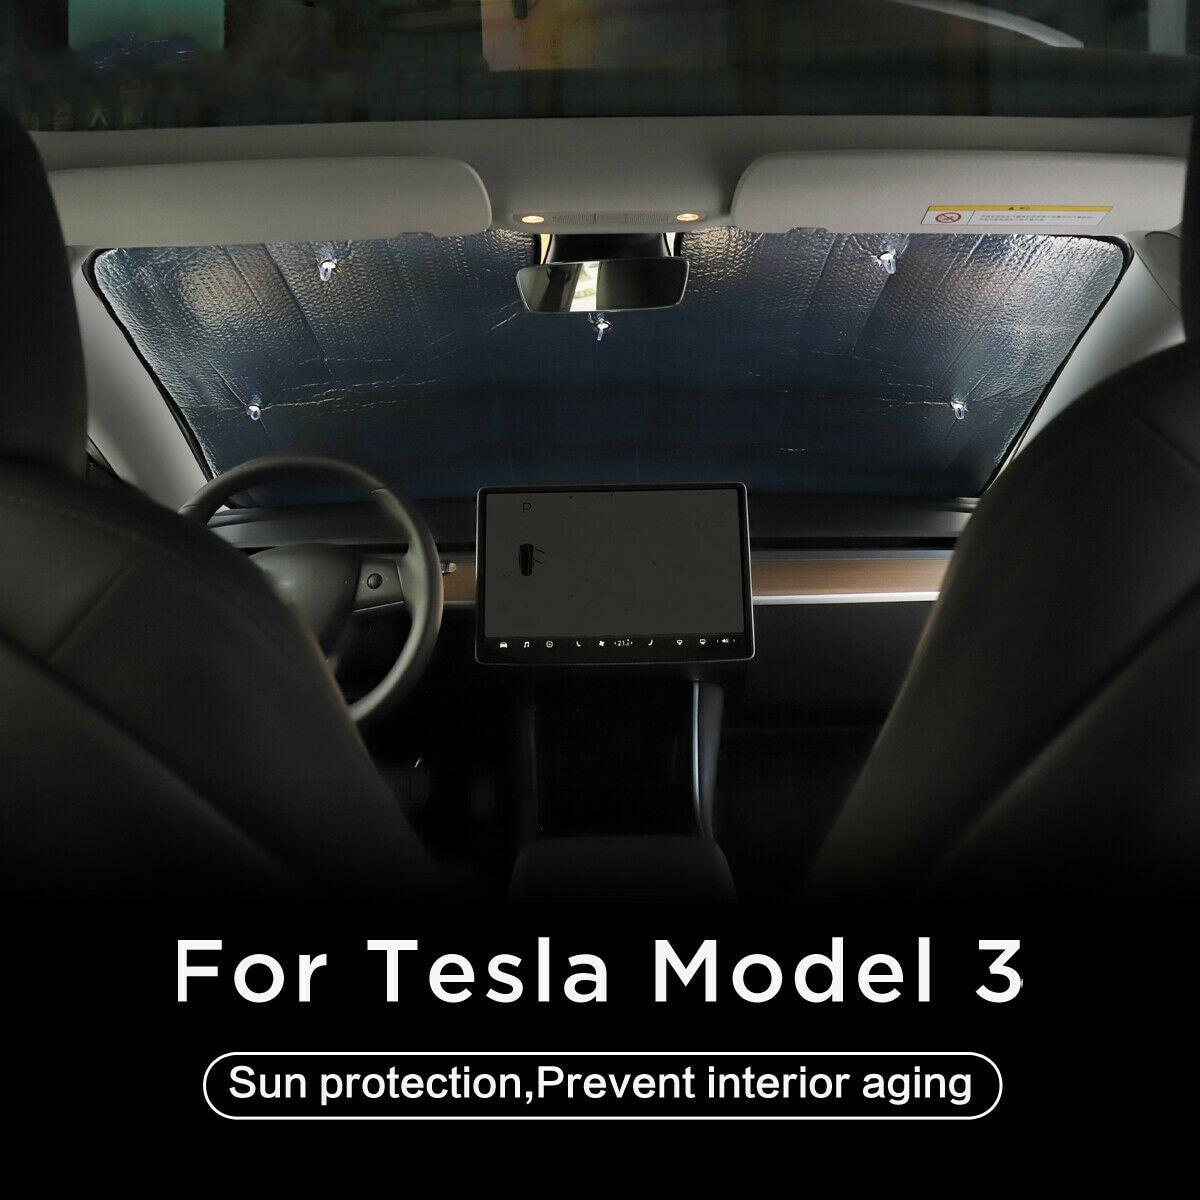 חדש מול חלון שמש צל שמשיה רכב צוהר עיוור הצללה נטו מול שמשה קדמית עבור טסלה דגם 3